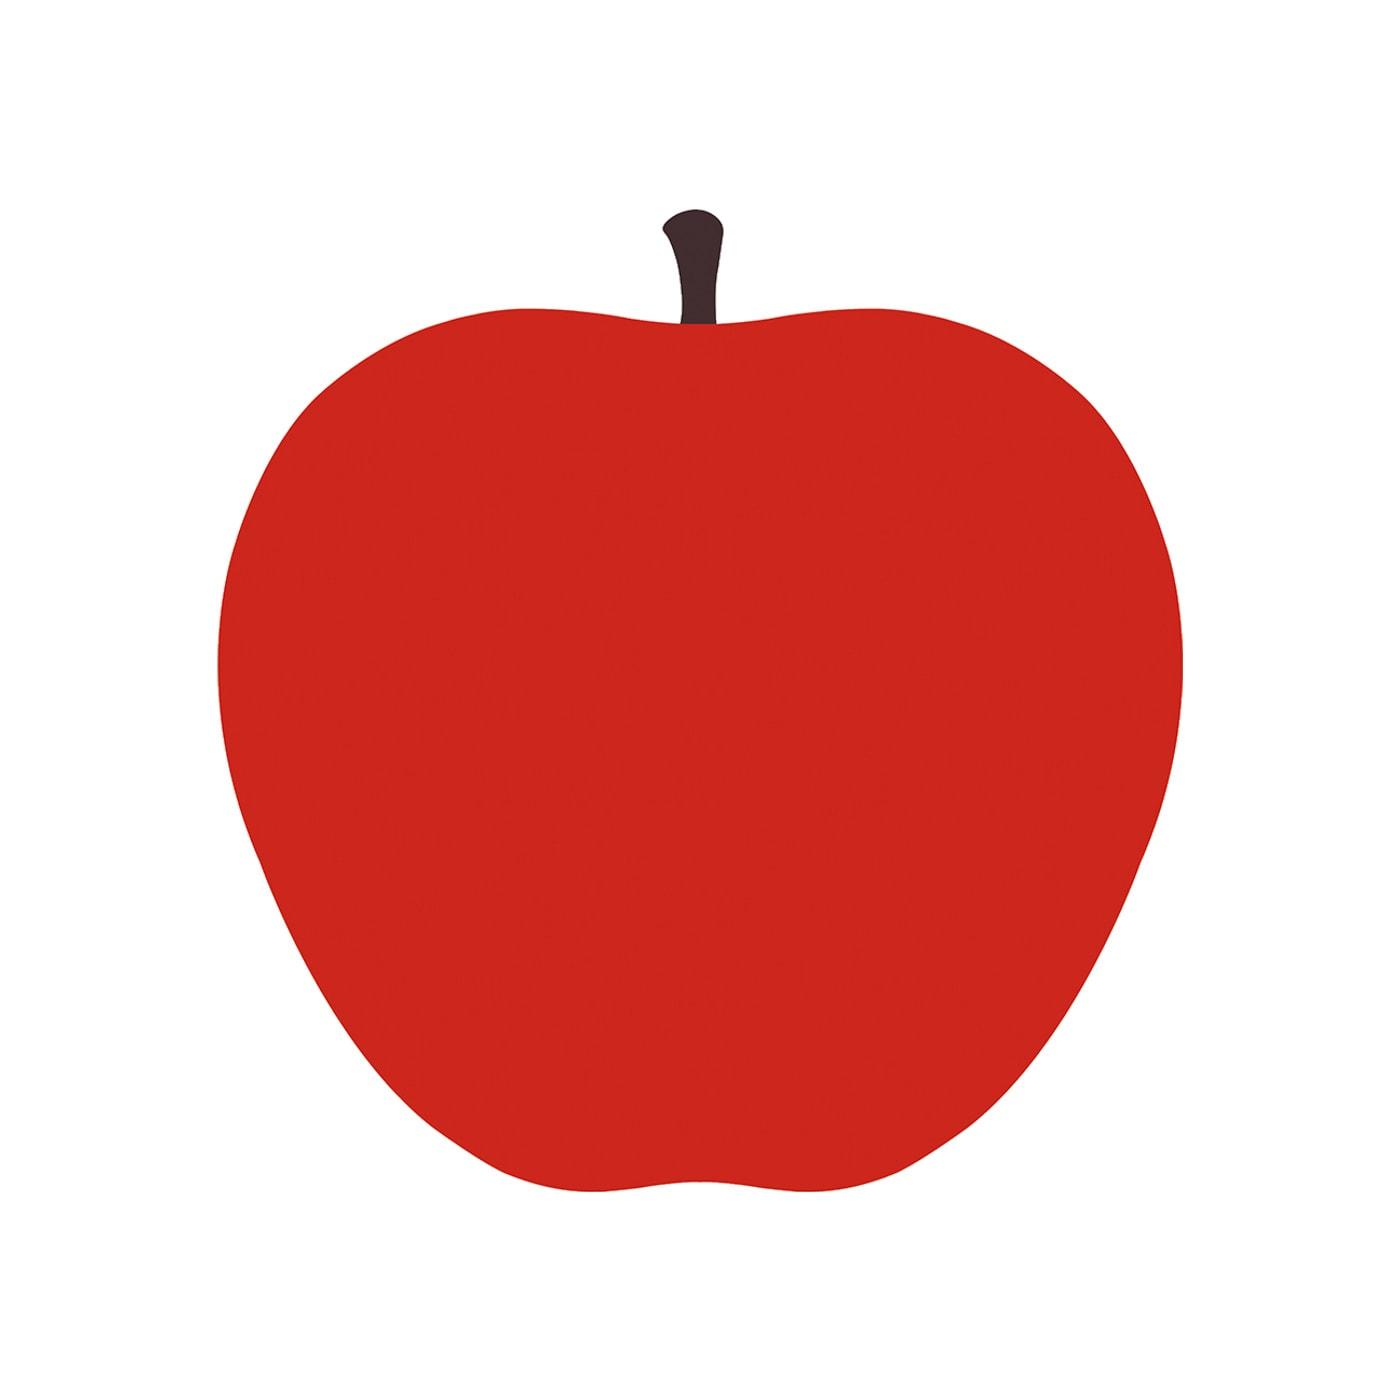 DANESE UNO La mela serigrafia